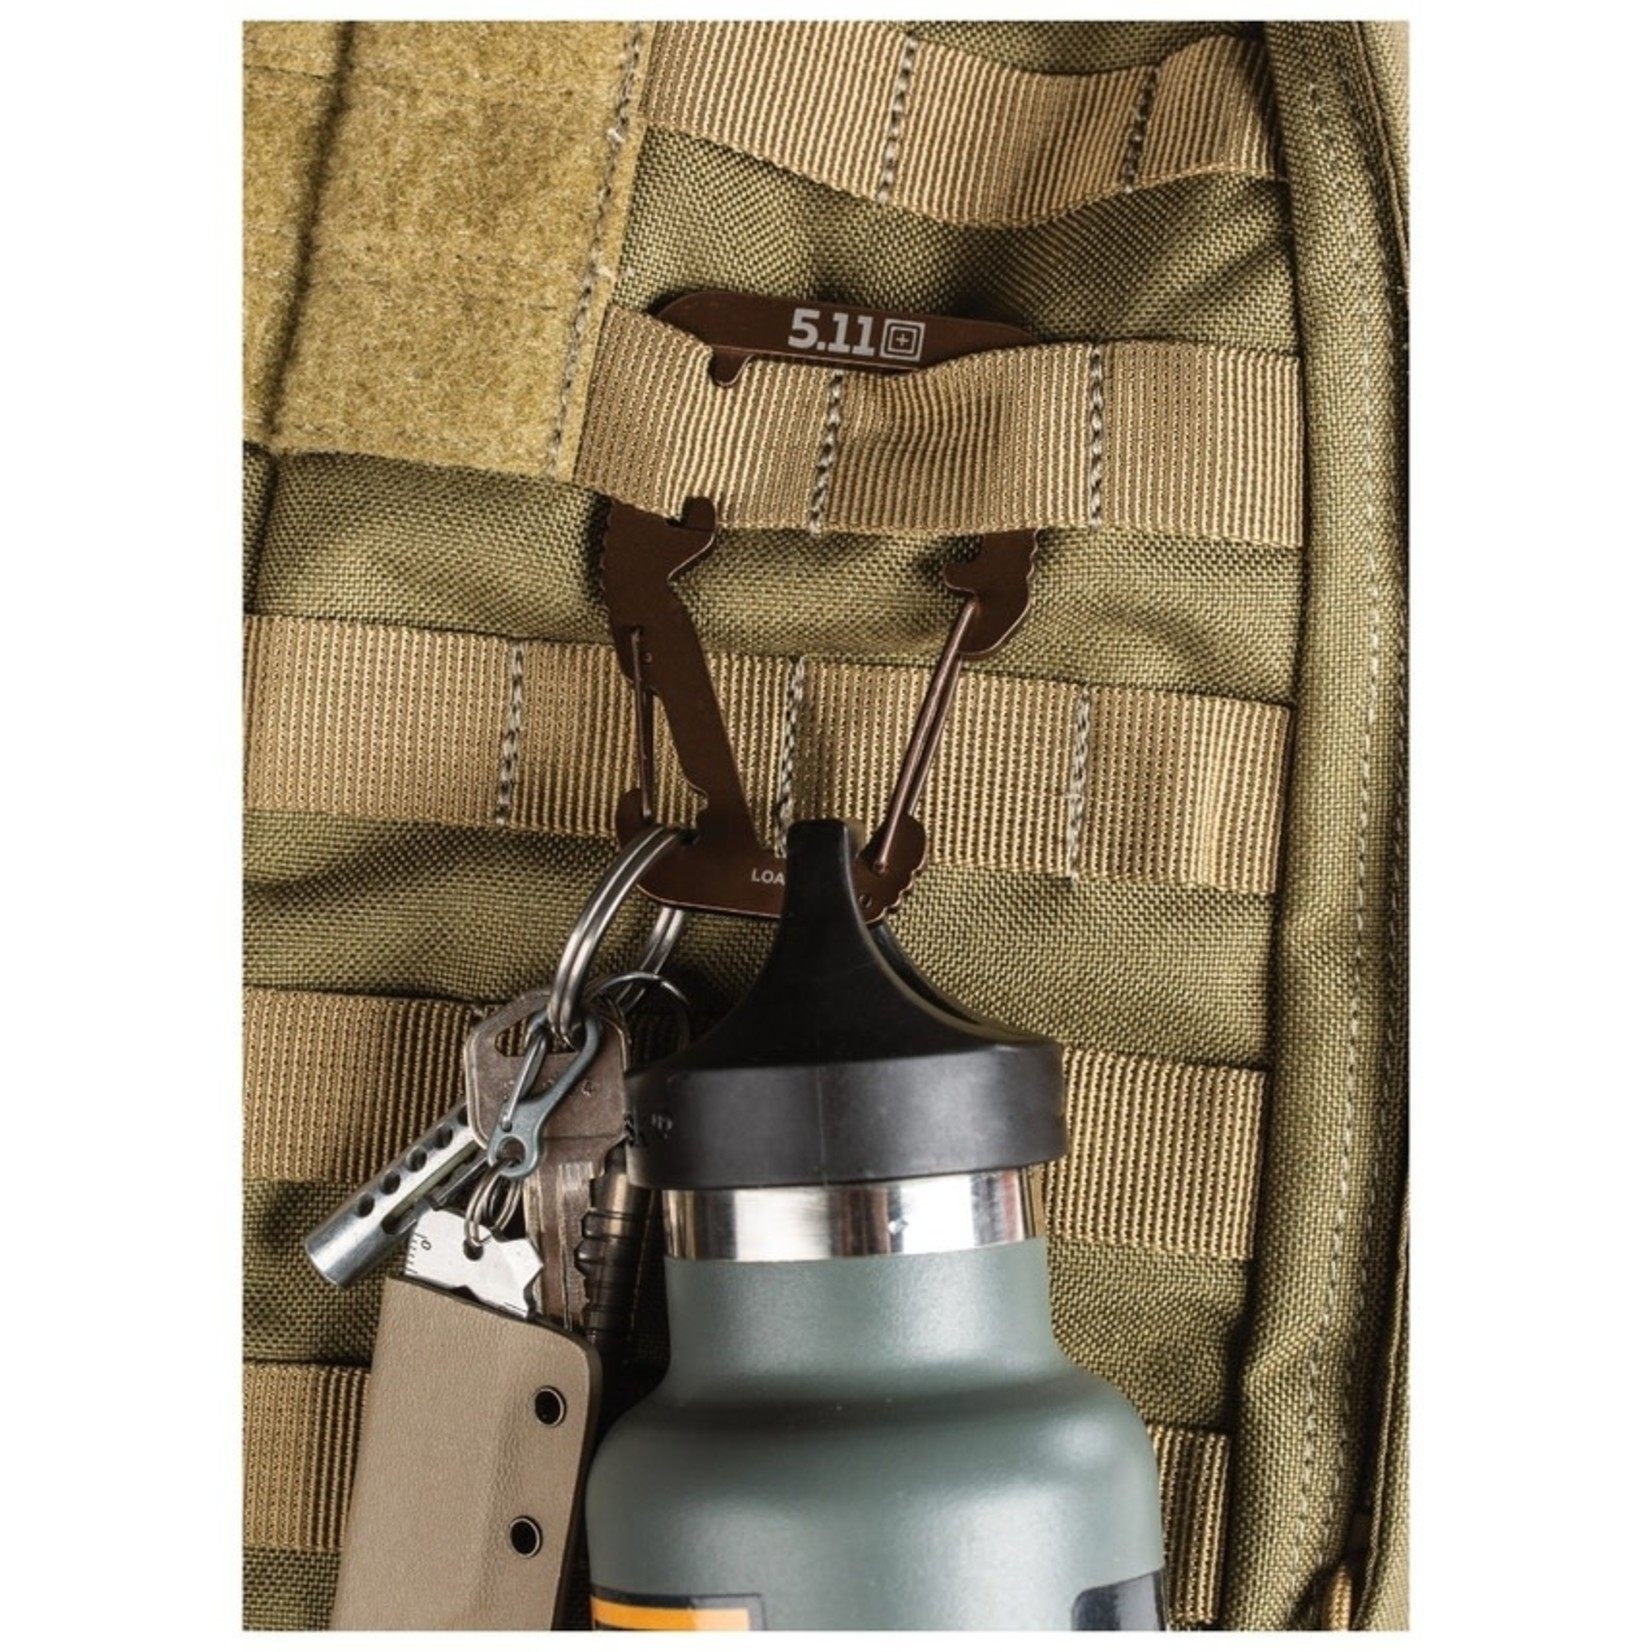 5.11 Tactical 5.11 Hardpoint M3 Carabiner Clip Black